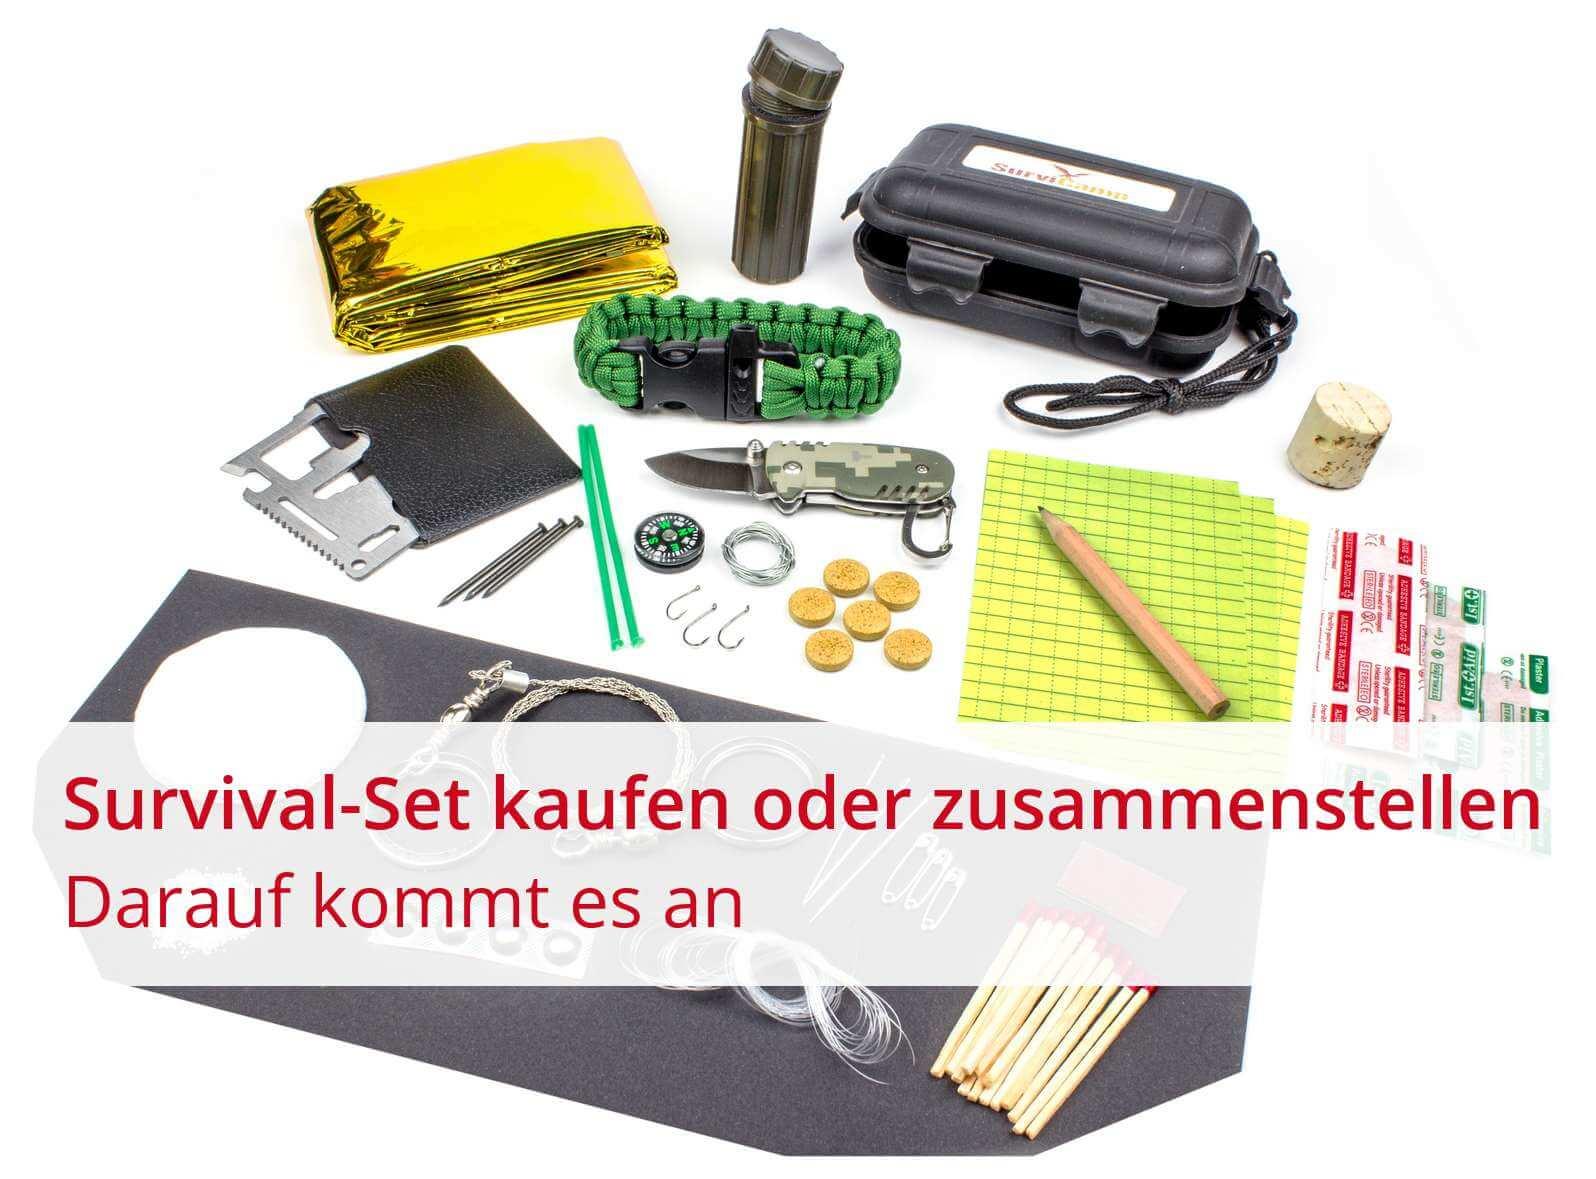 survival kit kaufen notfall set online bestellen survicamp. Black Bedroom Furniture Sets. Home Design Ideas